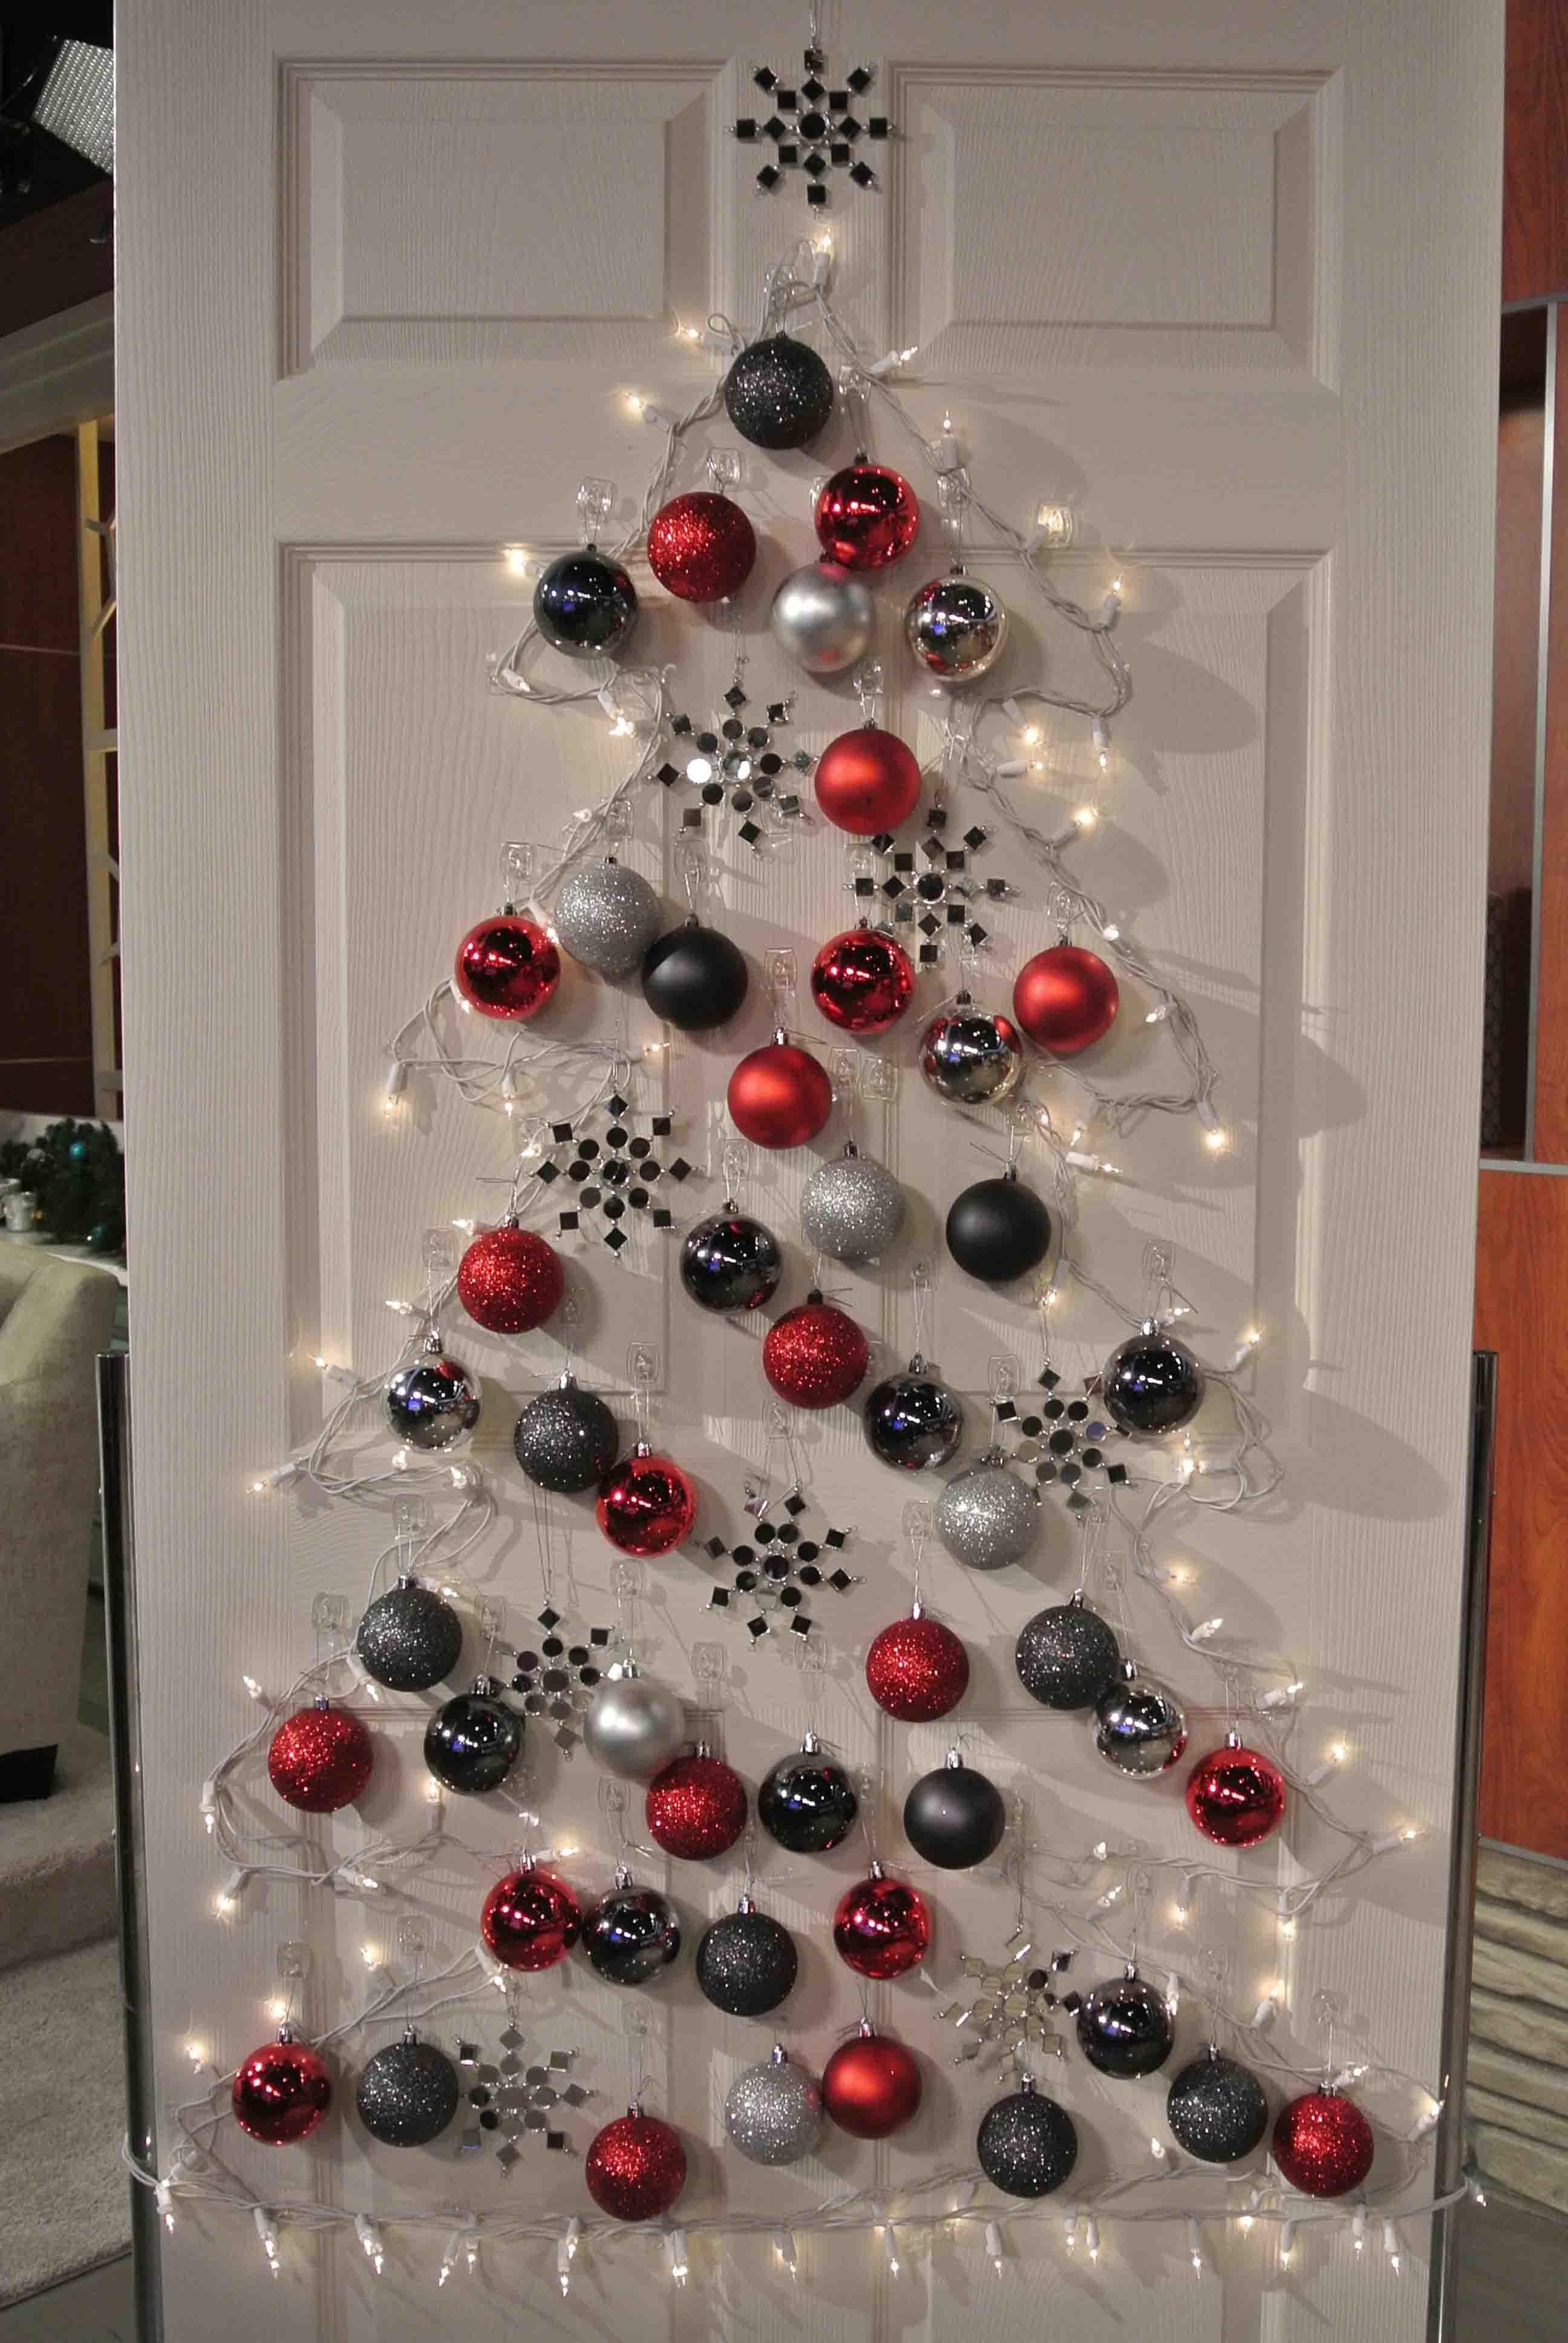 Christmas decoration door treballs manuals nadal pinte - Ideas para decorar en navidad con material reciclable ...